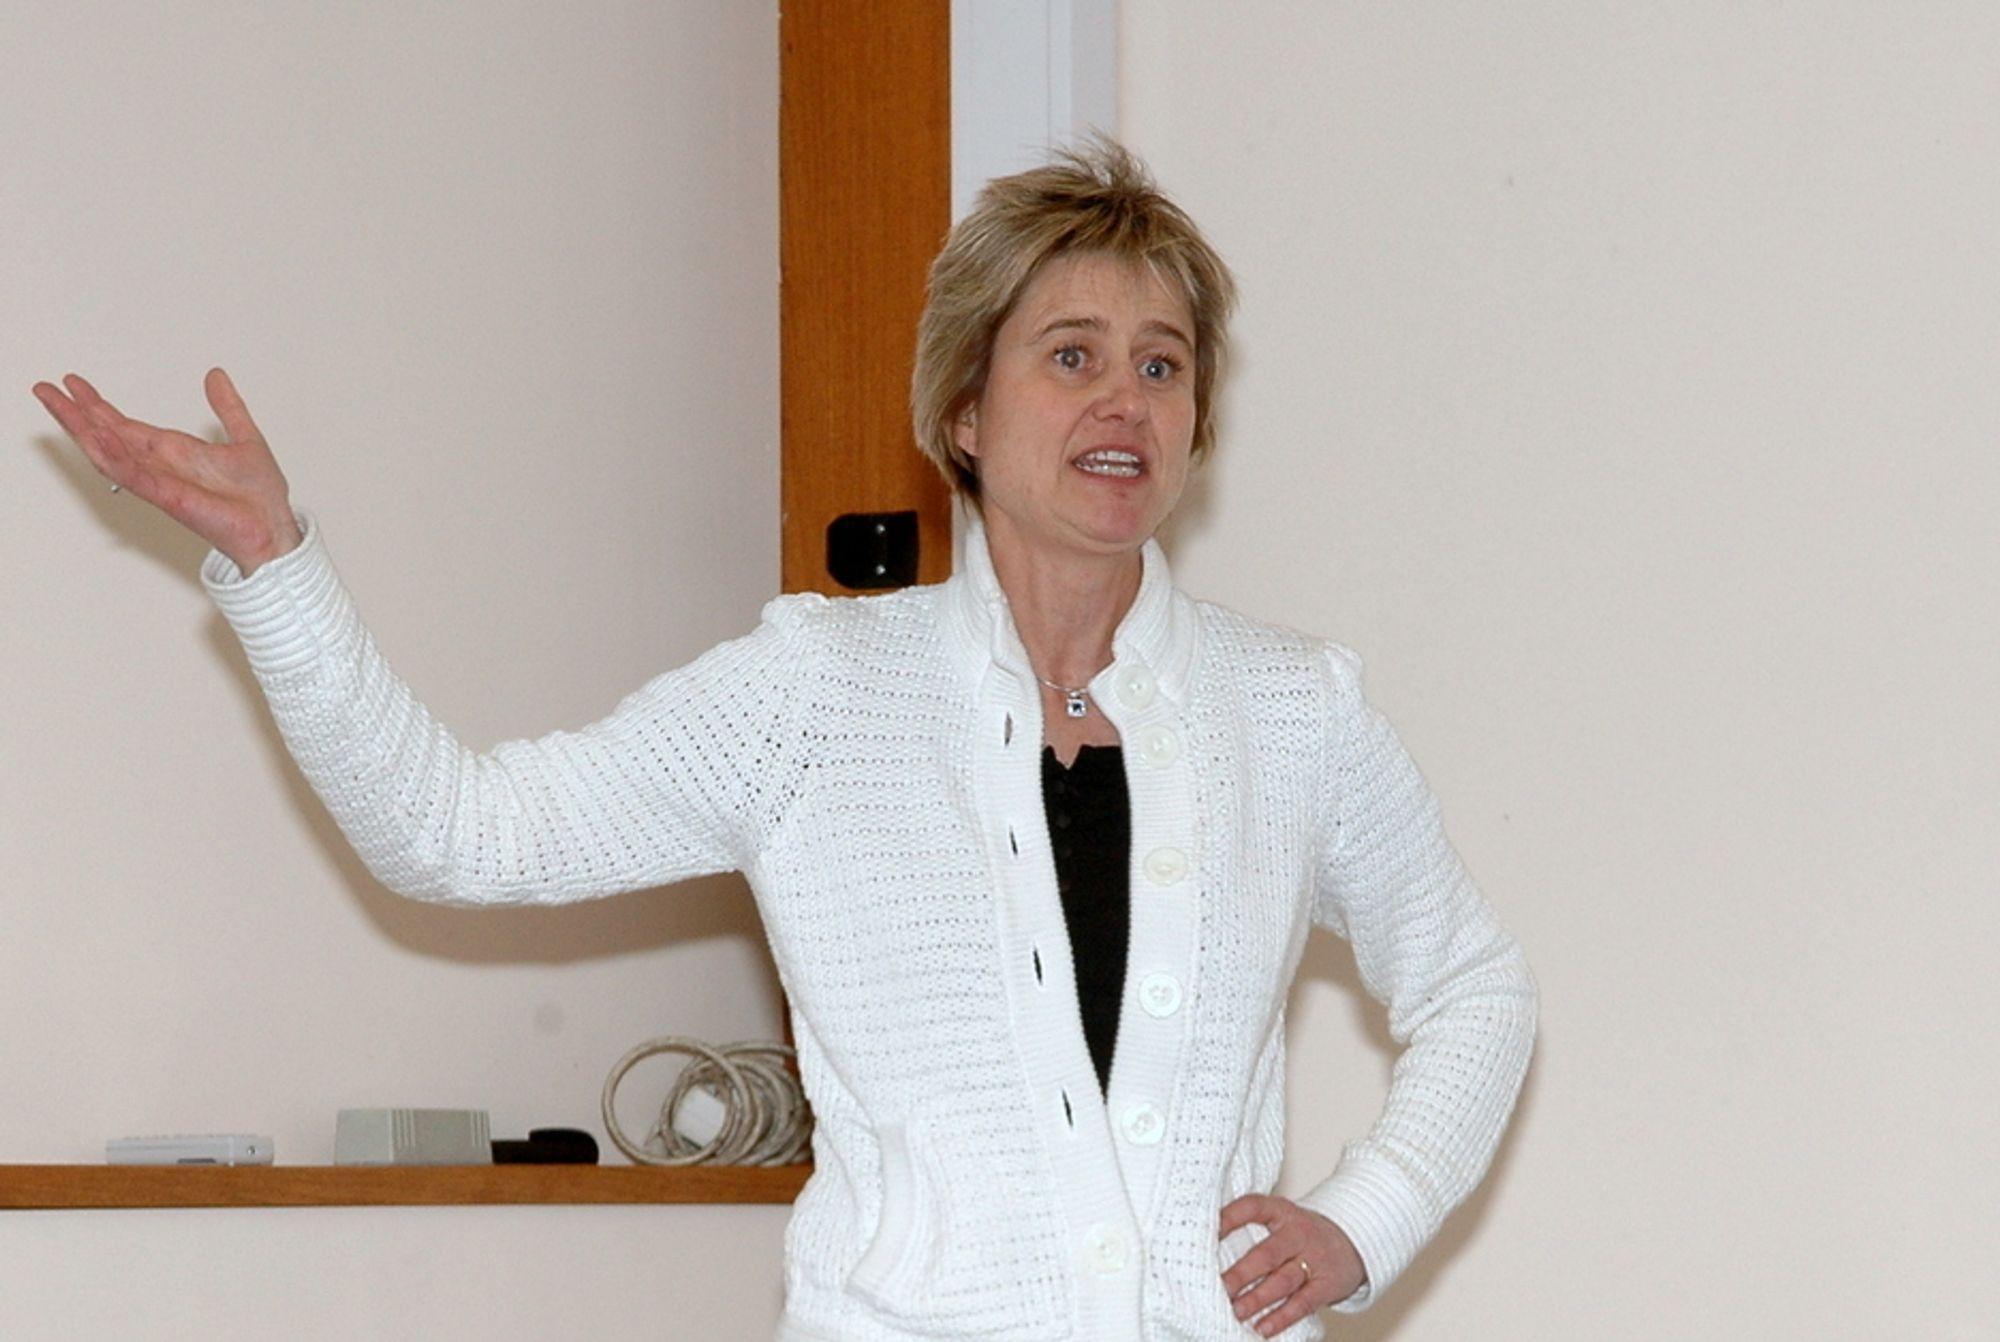 FEILINFORMERER: Ann Kristin Sjøtveit liker ikke at Havforskningsinstituttet feilinformerer. - De har en politisk agenda og forholder seg ikke til faktaunderlaget, mener hun.